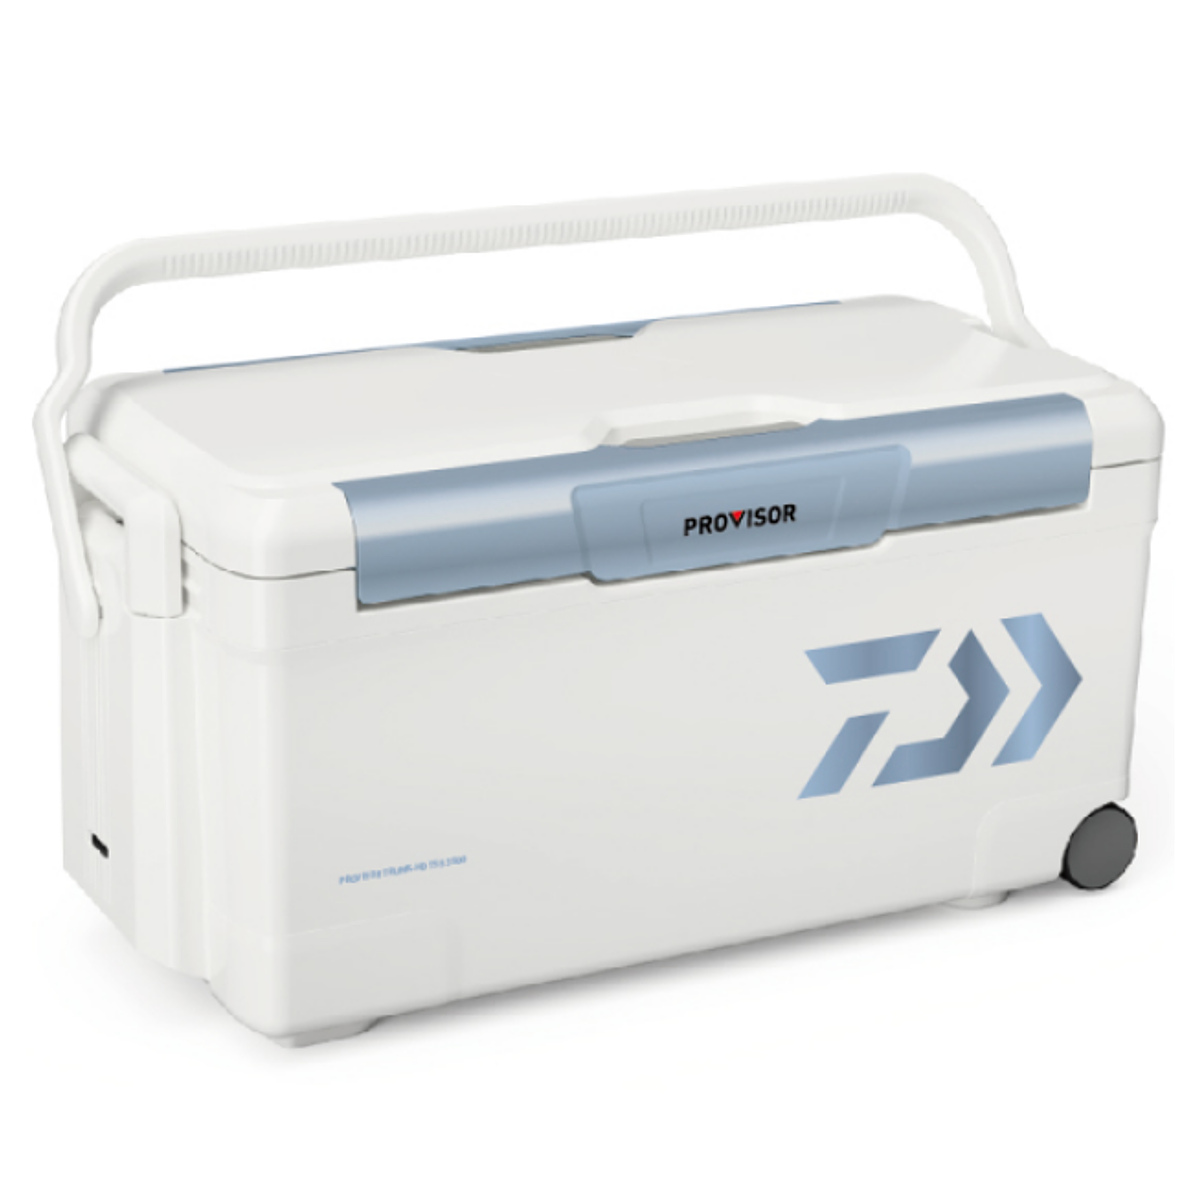 ダイワ プロバイザートランクHD TSS 3500 アイスブルー クーラーボックス(東日本店)【送料無料】【同梱不可】